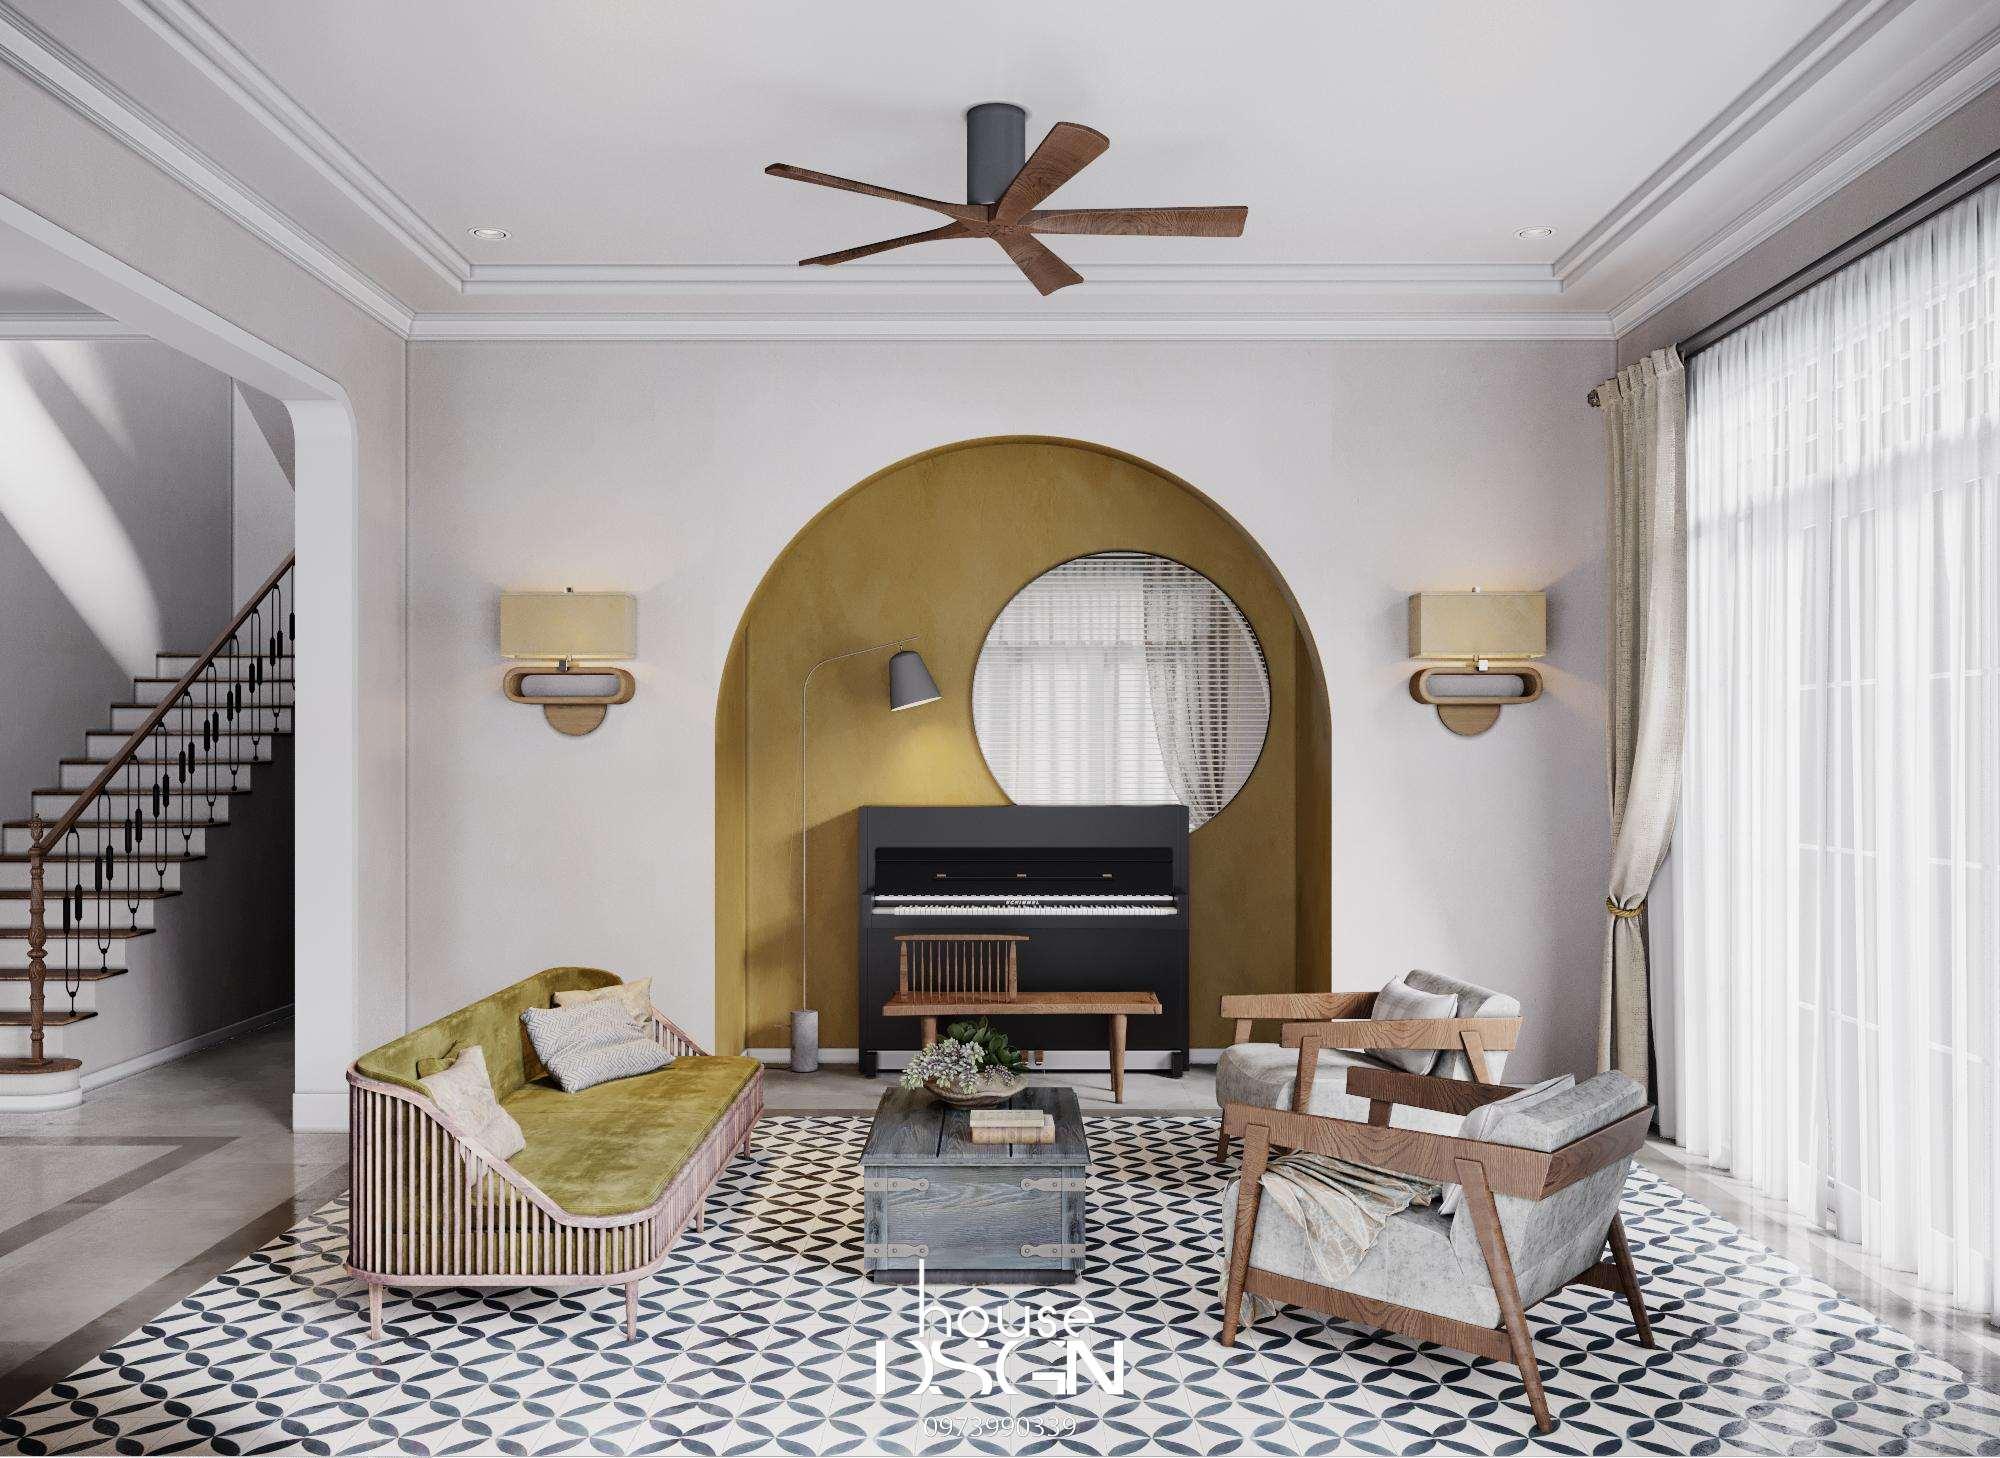 bản vẽ thiết kế nội thất phòng khách 25m2 - Housedesign